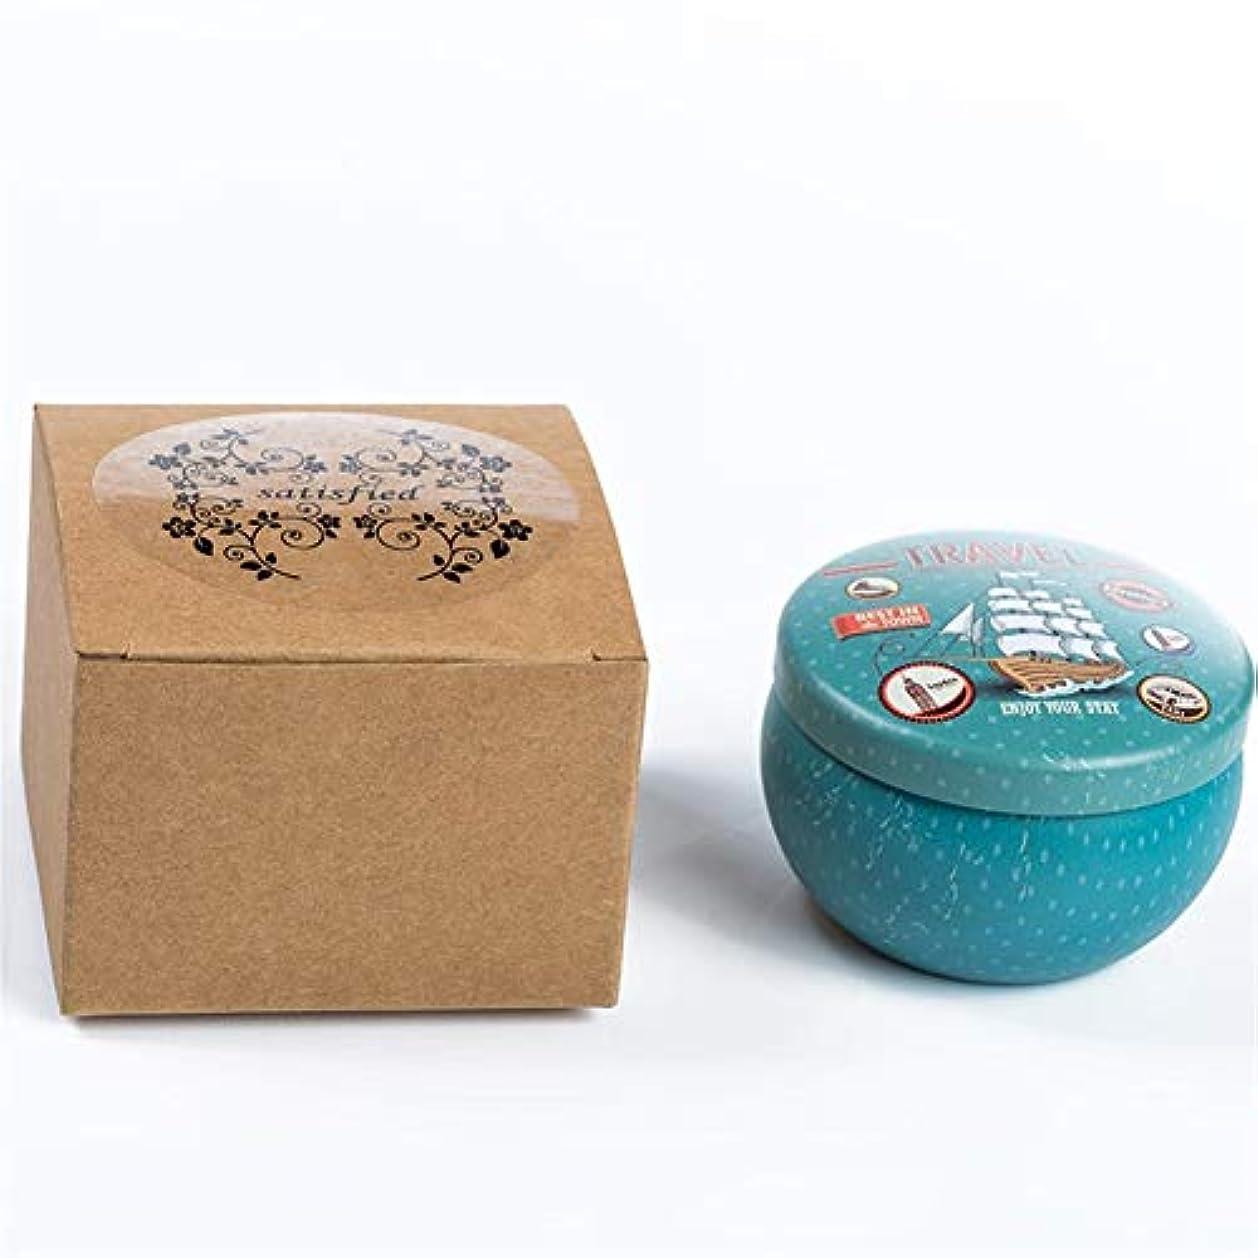 九レパートリー全国Guomao 漫画のブリキの箱の香料入りの蝋燭の家のなだめるような睡眠、新しく、快適な臭いがする蝋燭 (色 : Lavender)